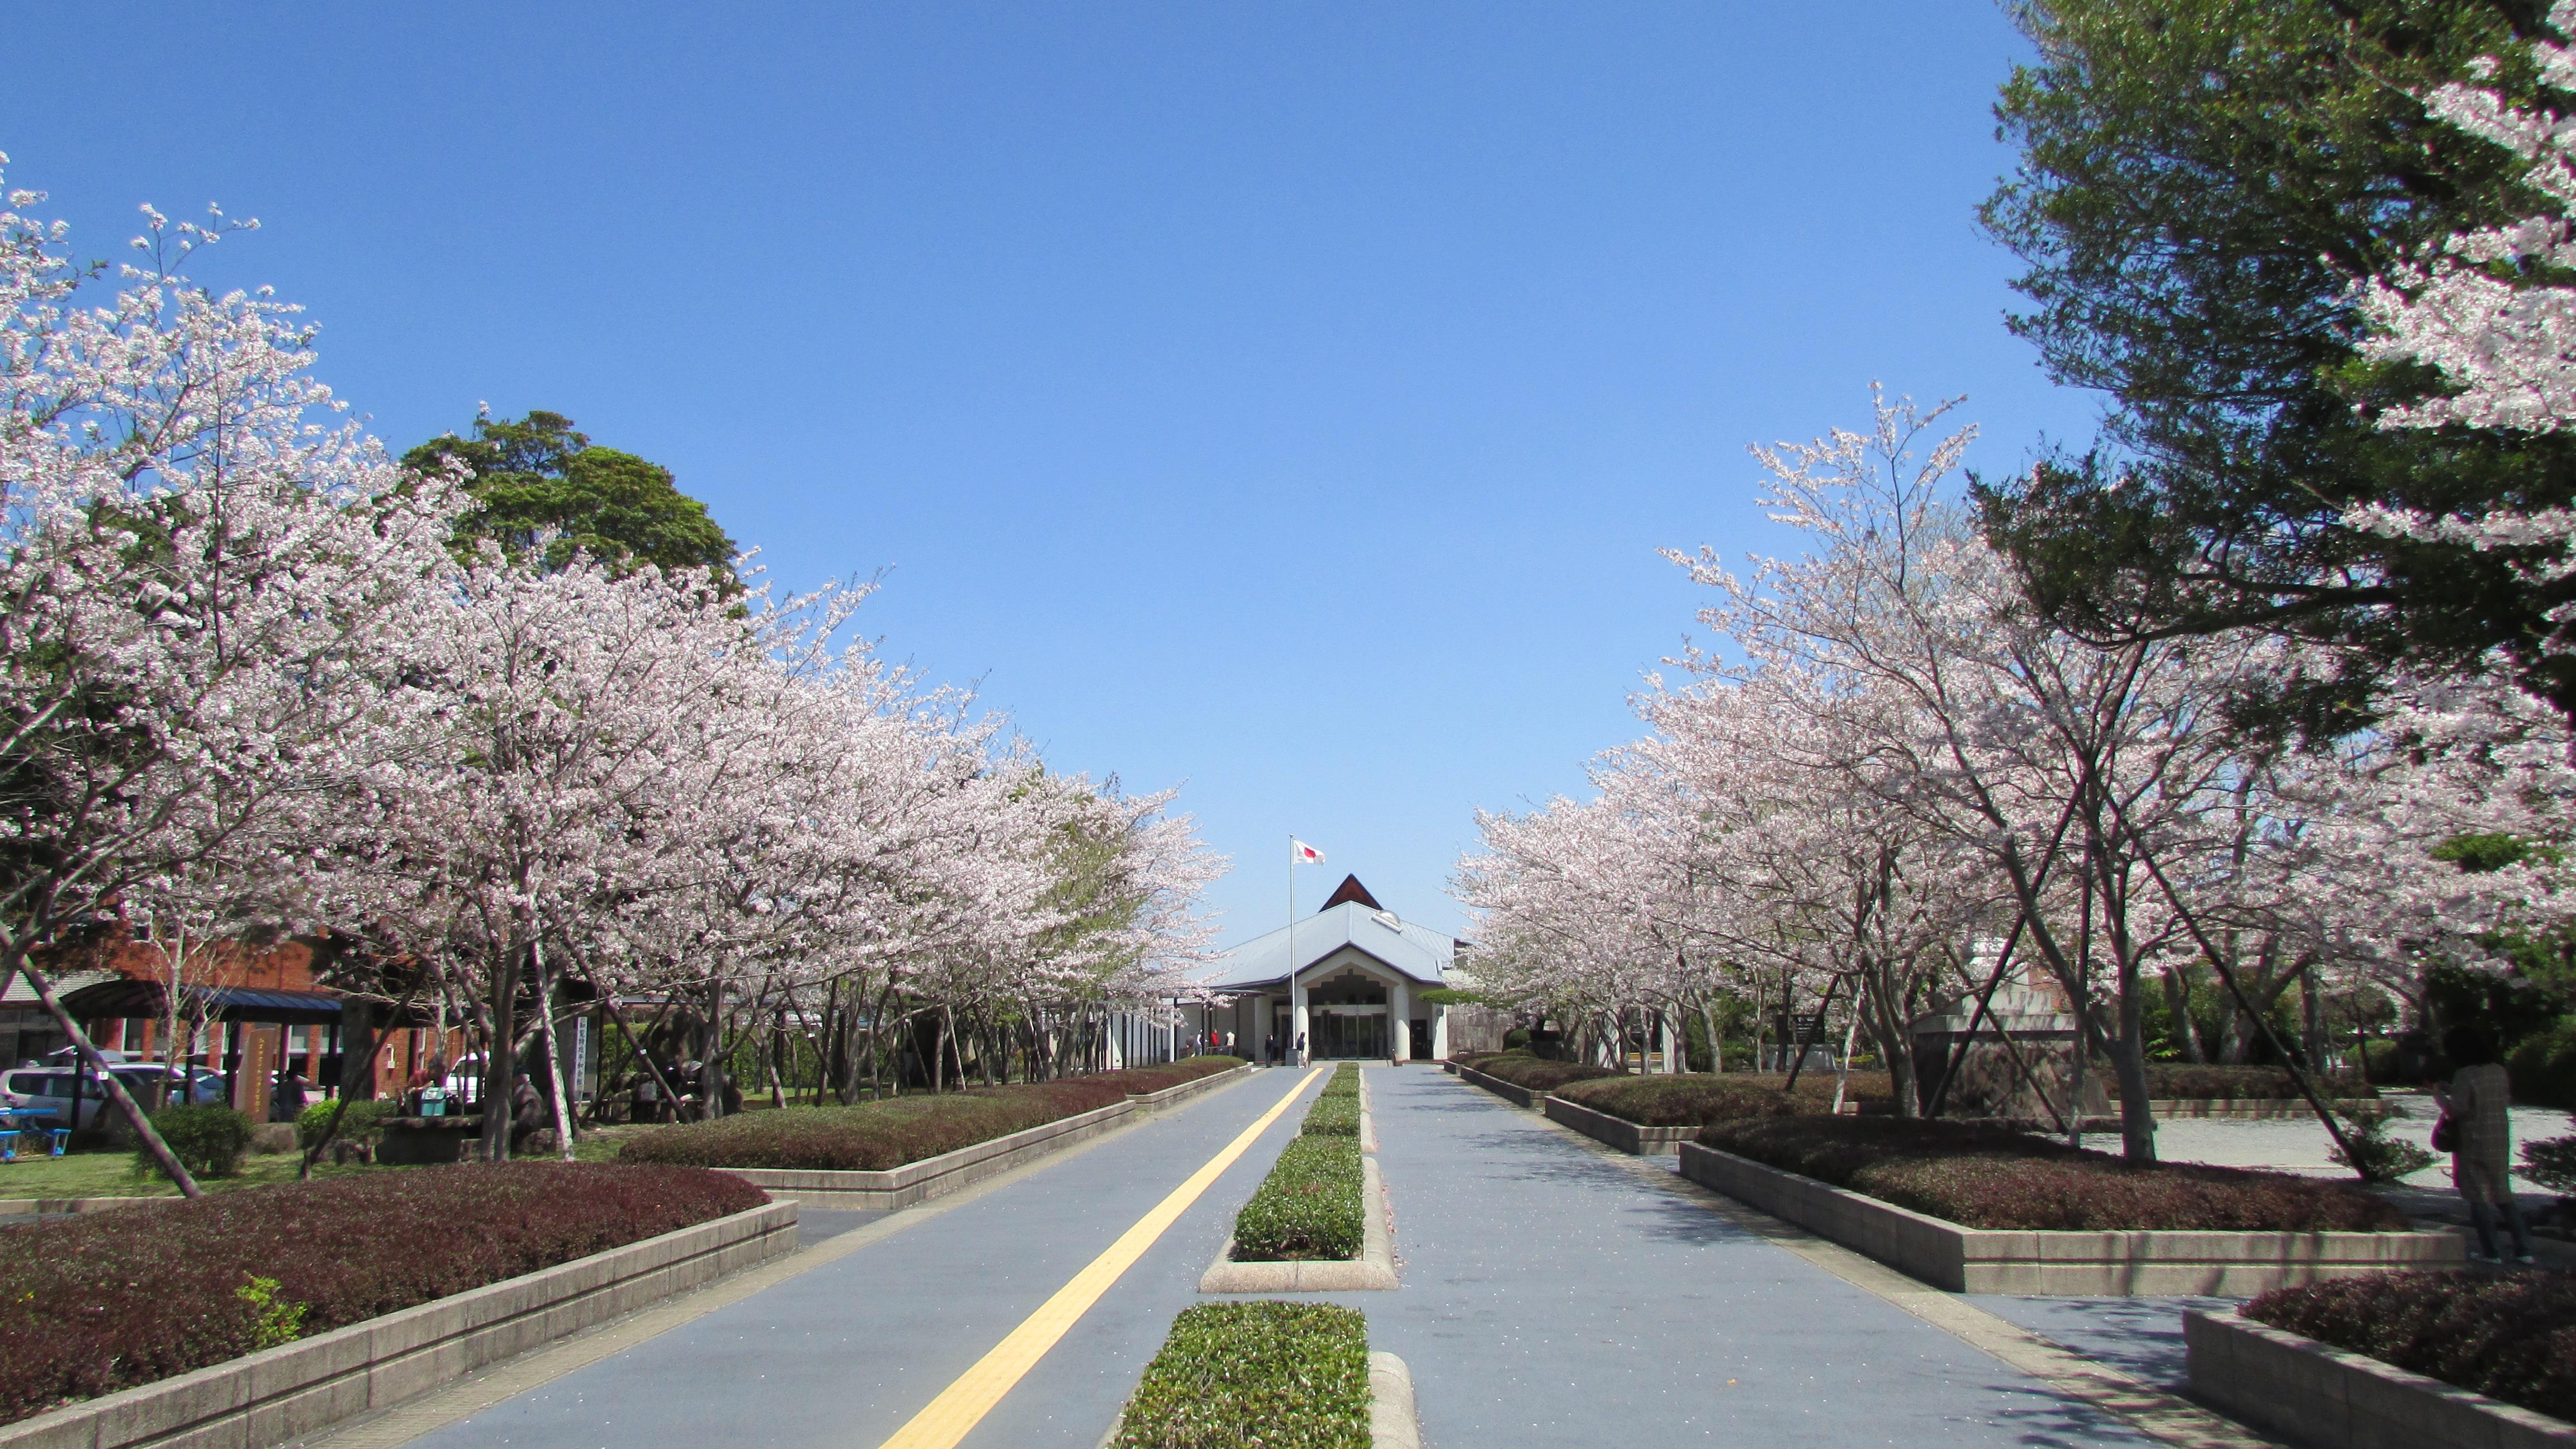 知覧特攻平和会館。春には多くの桜の花に囲まれます(提供:南九州市)